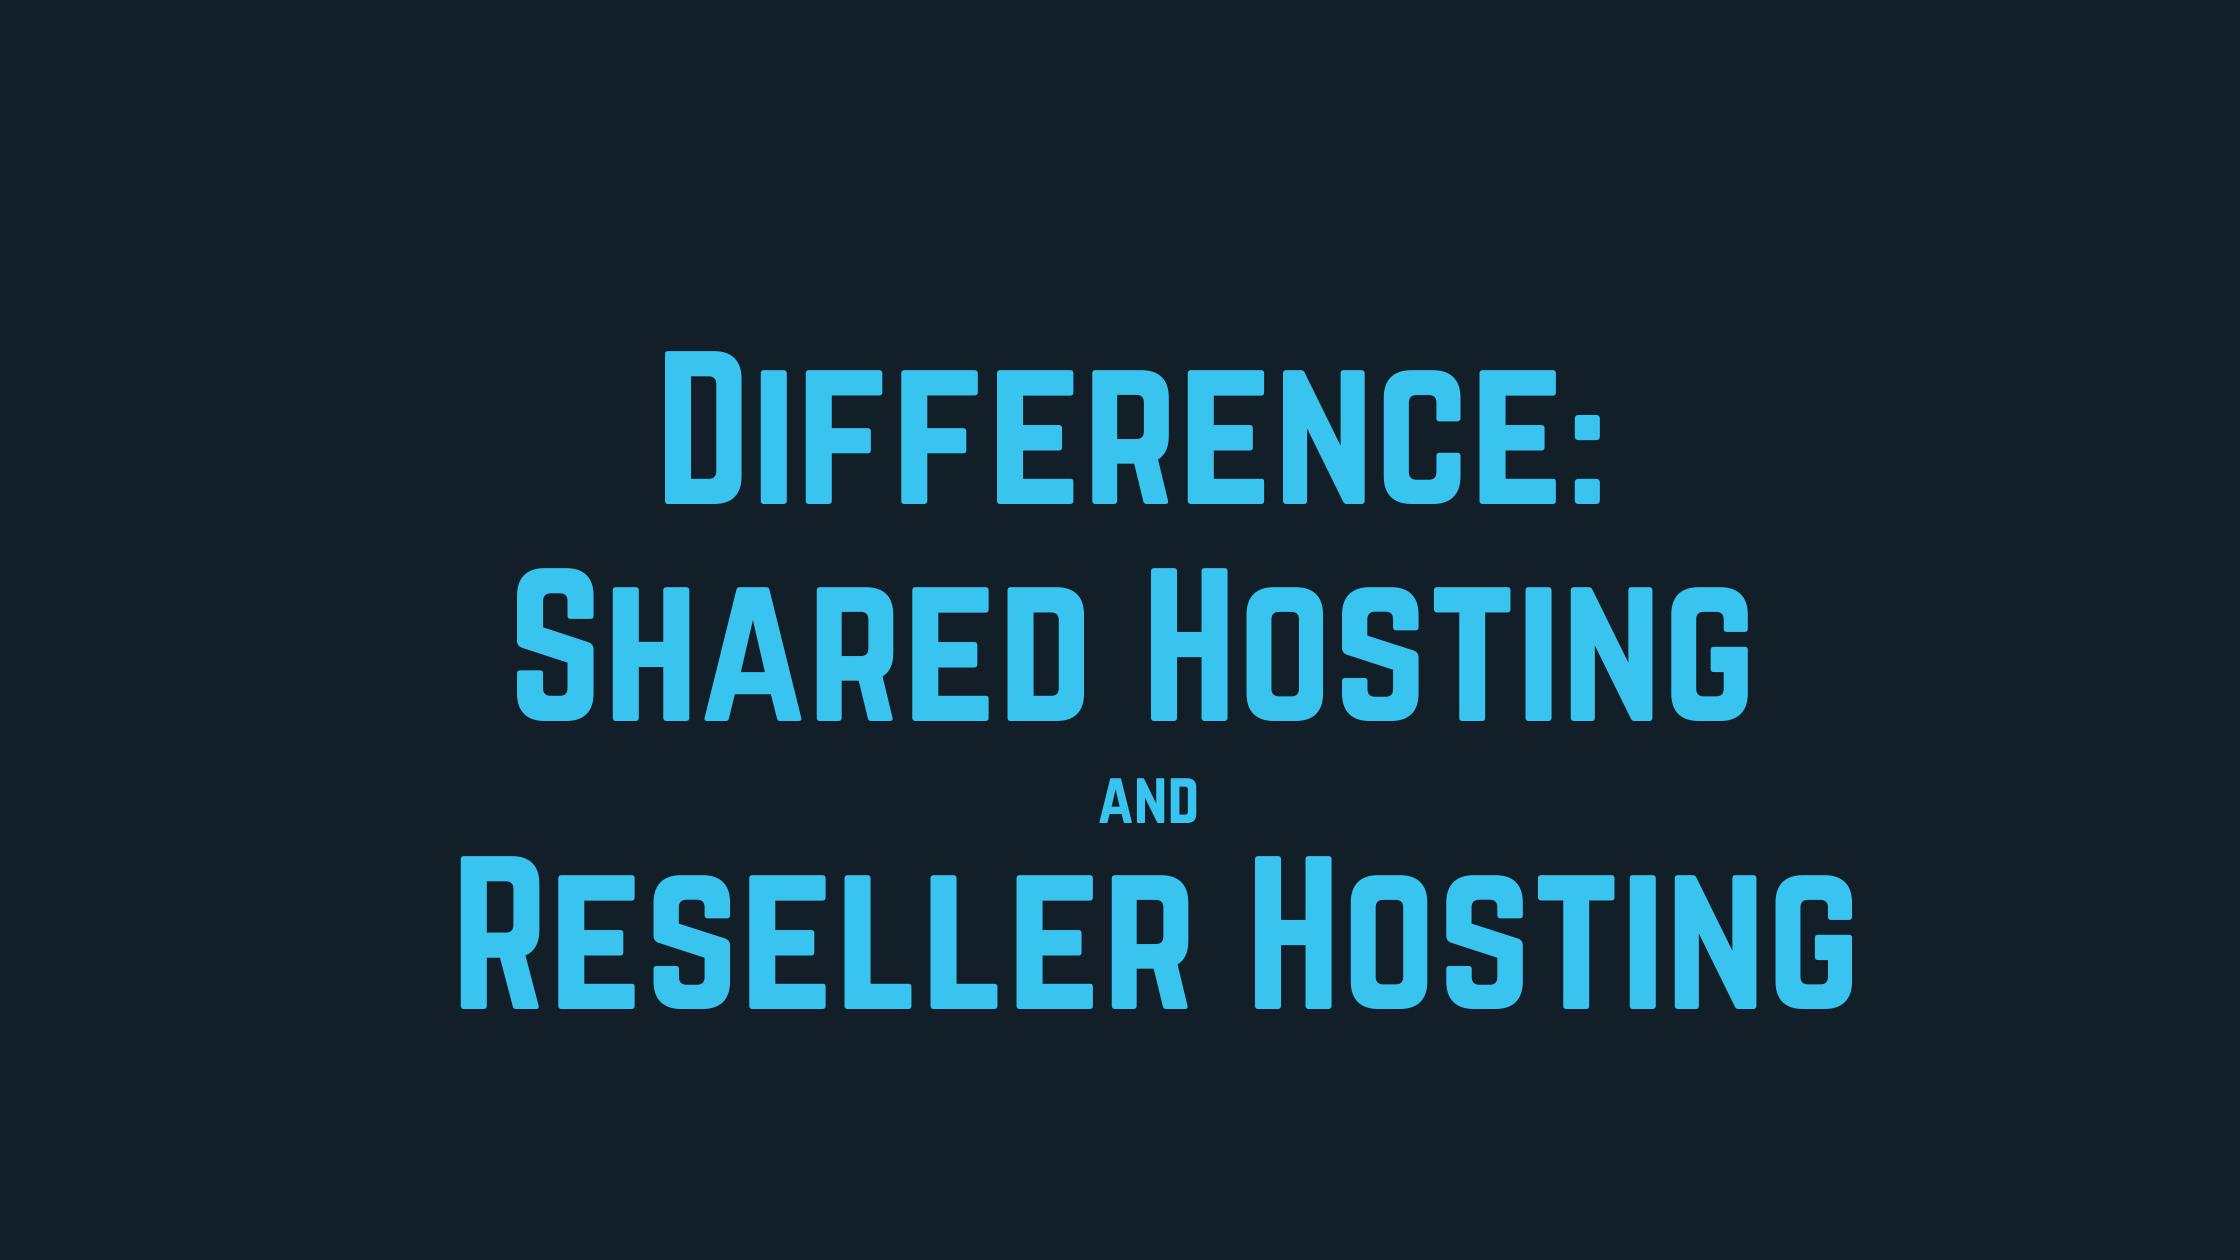 shared hosting vs reseller hosting